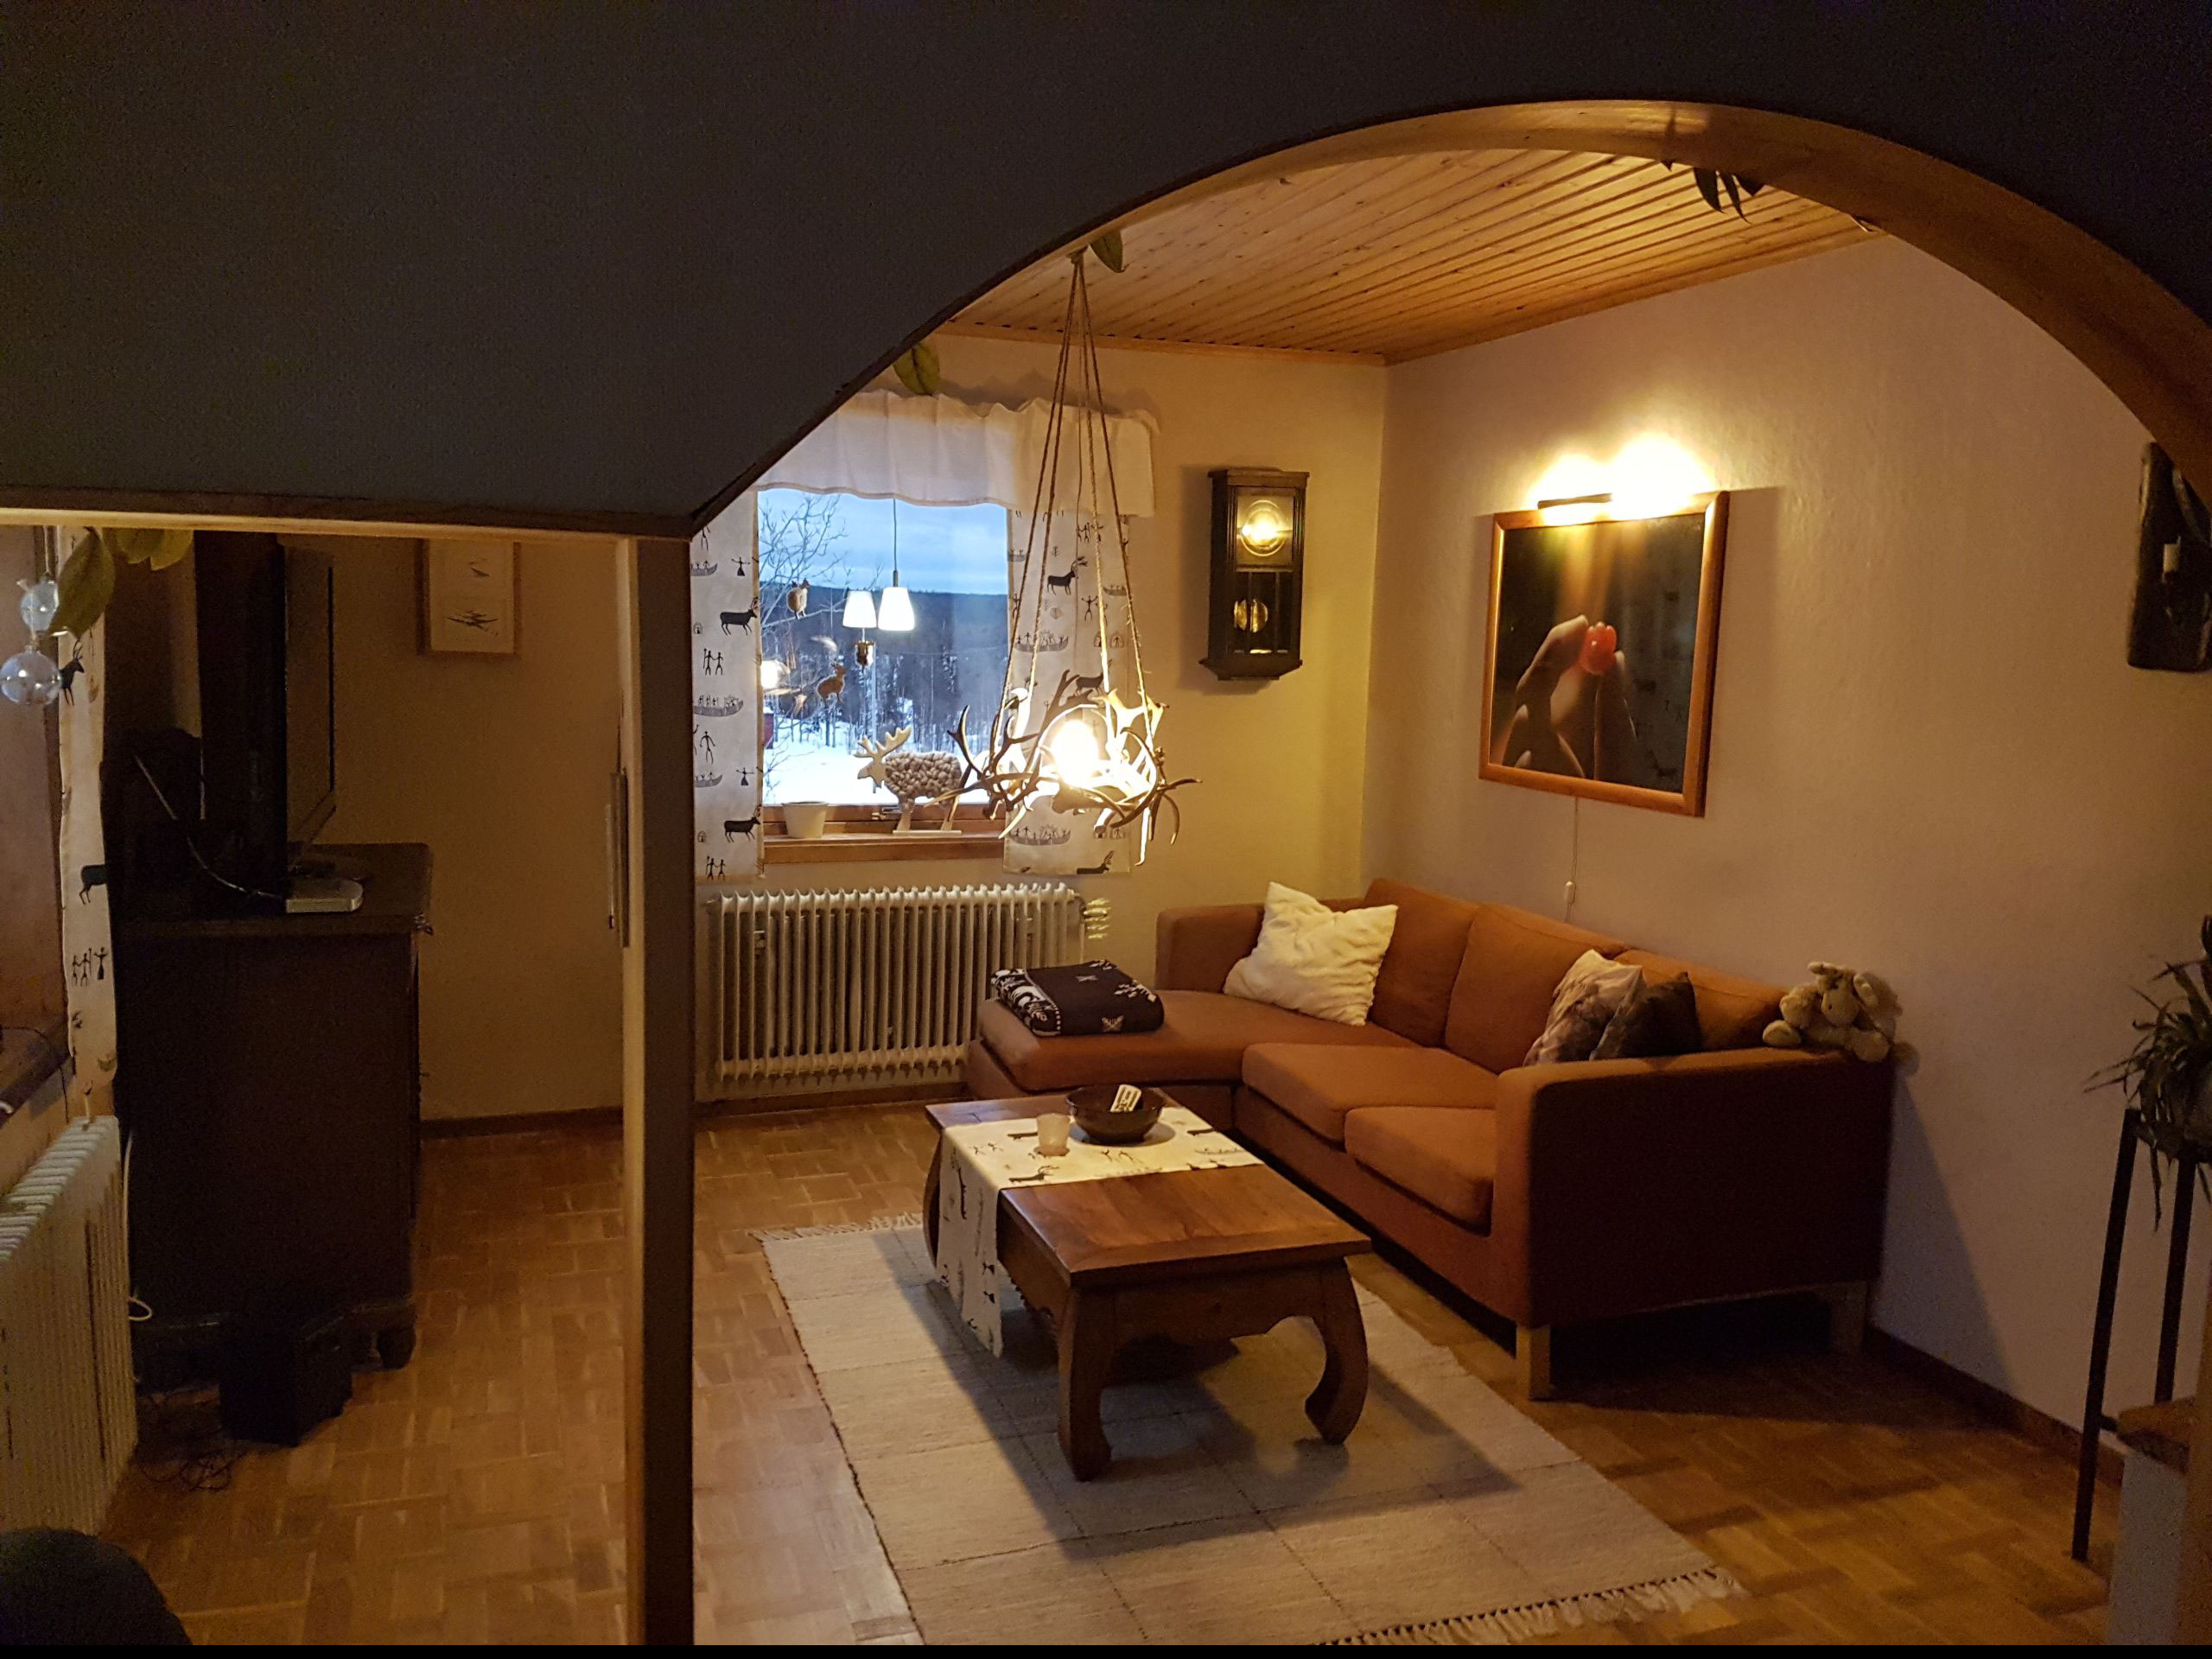 Gemütliches helles Wohnzimmer mit vielen Fenstern